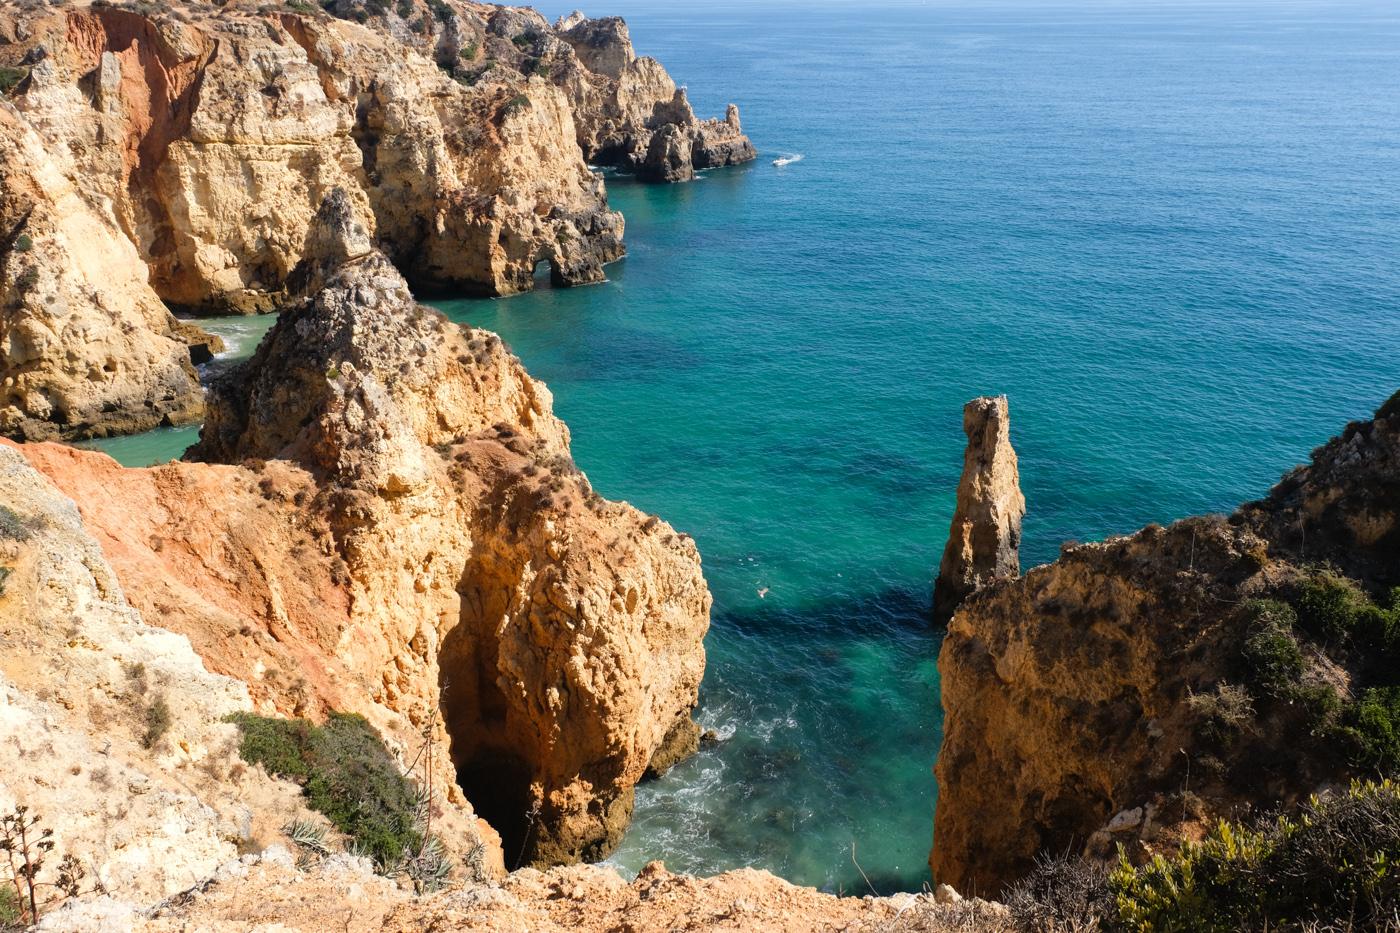 Rota Vicentina cammino a piedi Portogallo sentiero dei pescatori algarve lagos